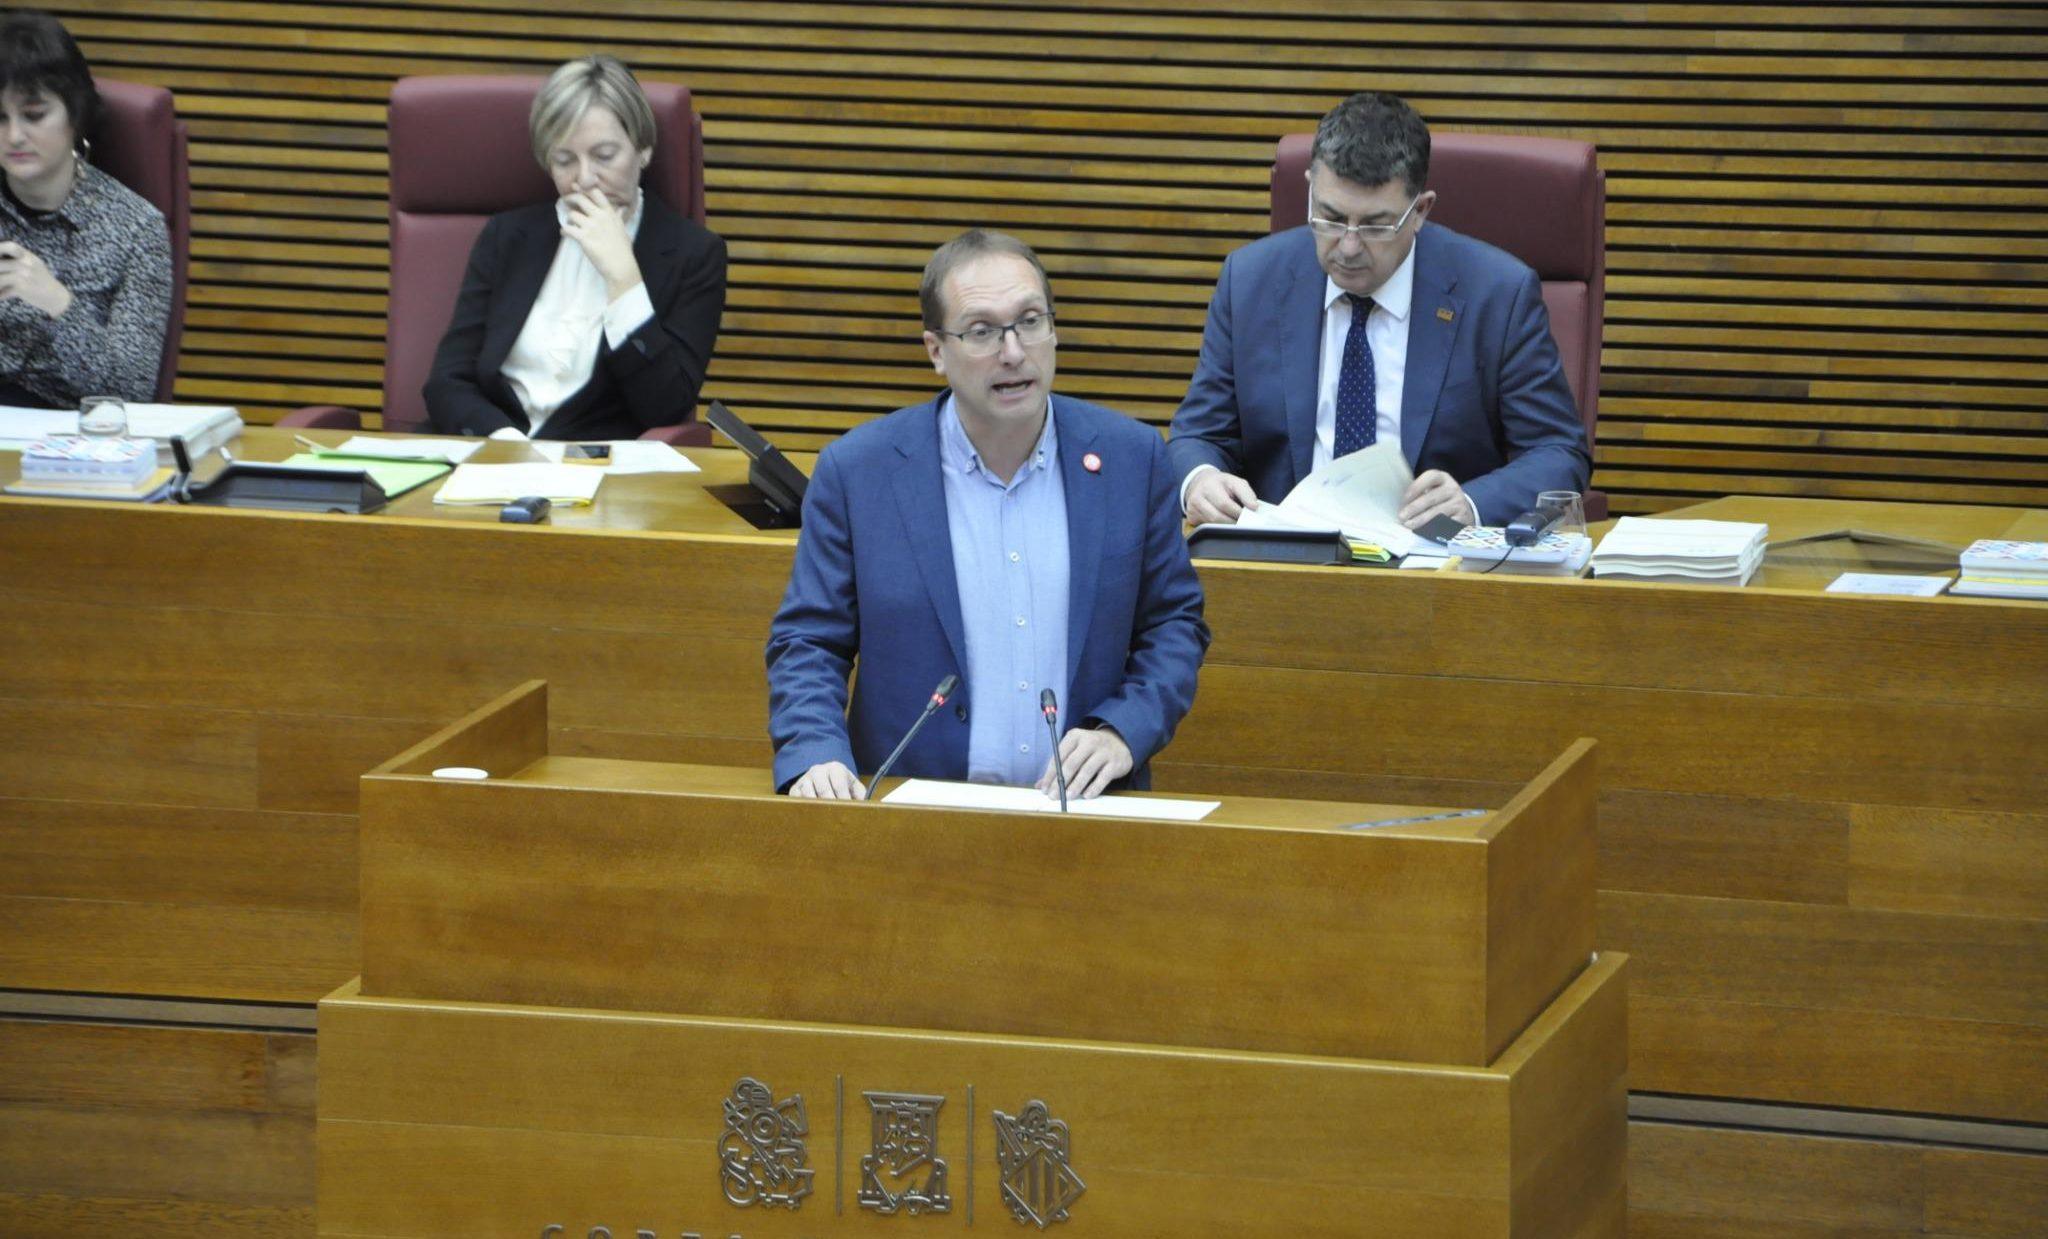 Blanch reitera que els fons europeus arriben als ajuntaments per a tindre municipis